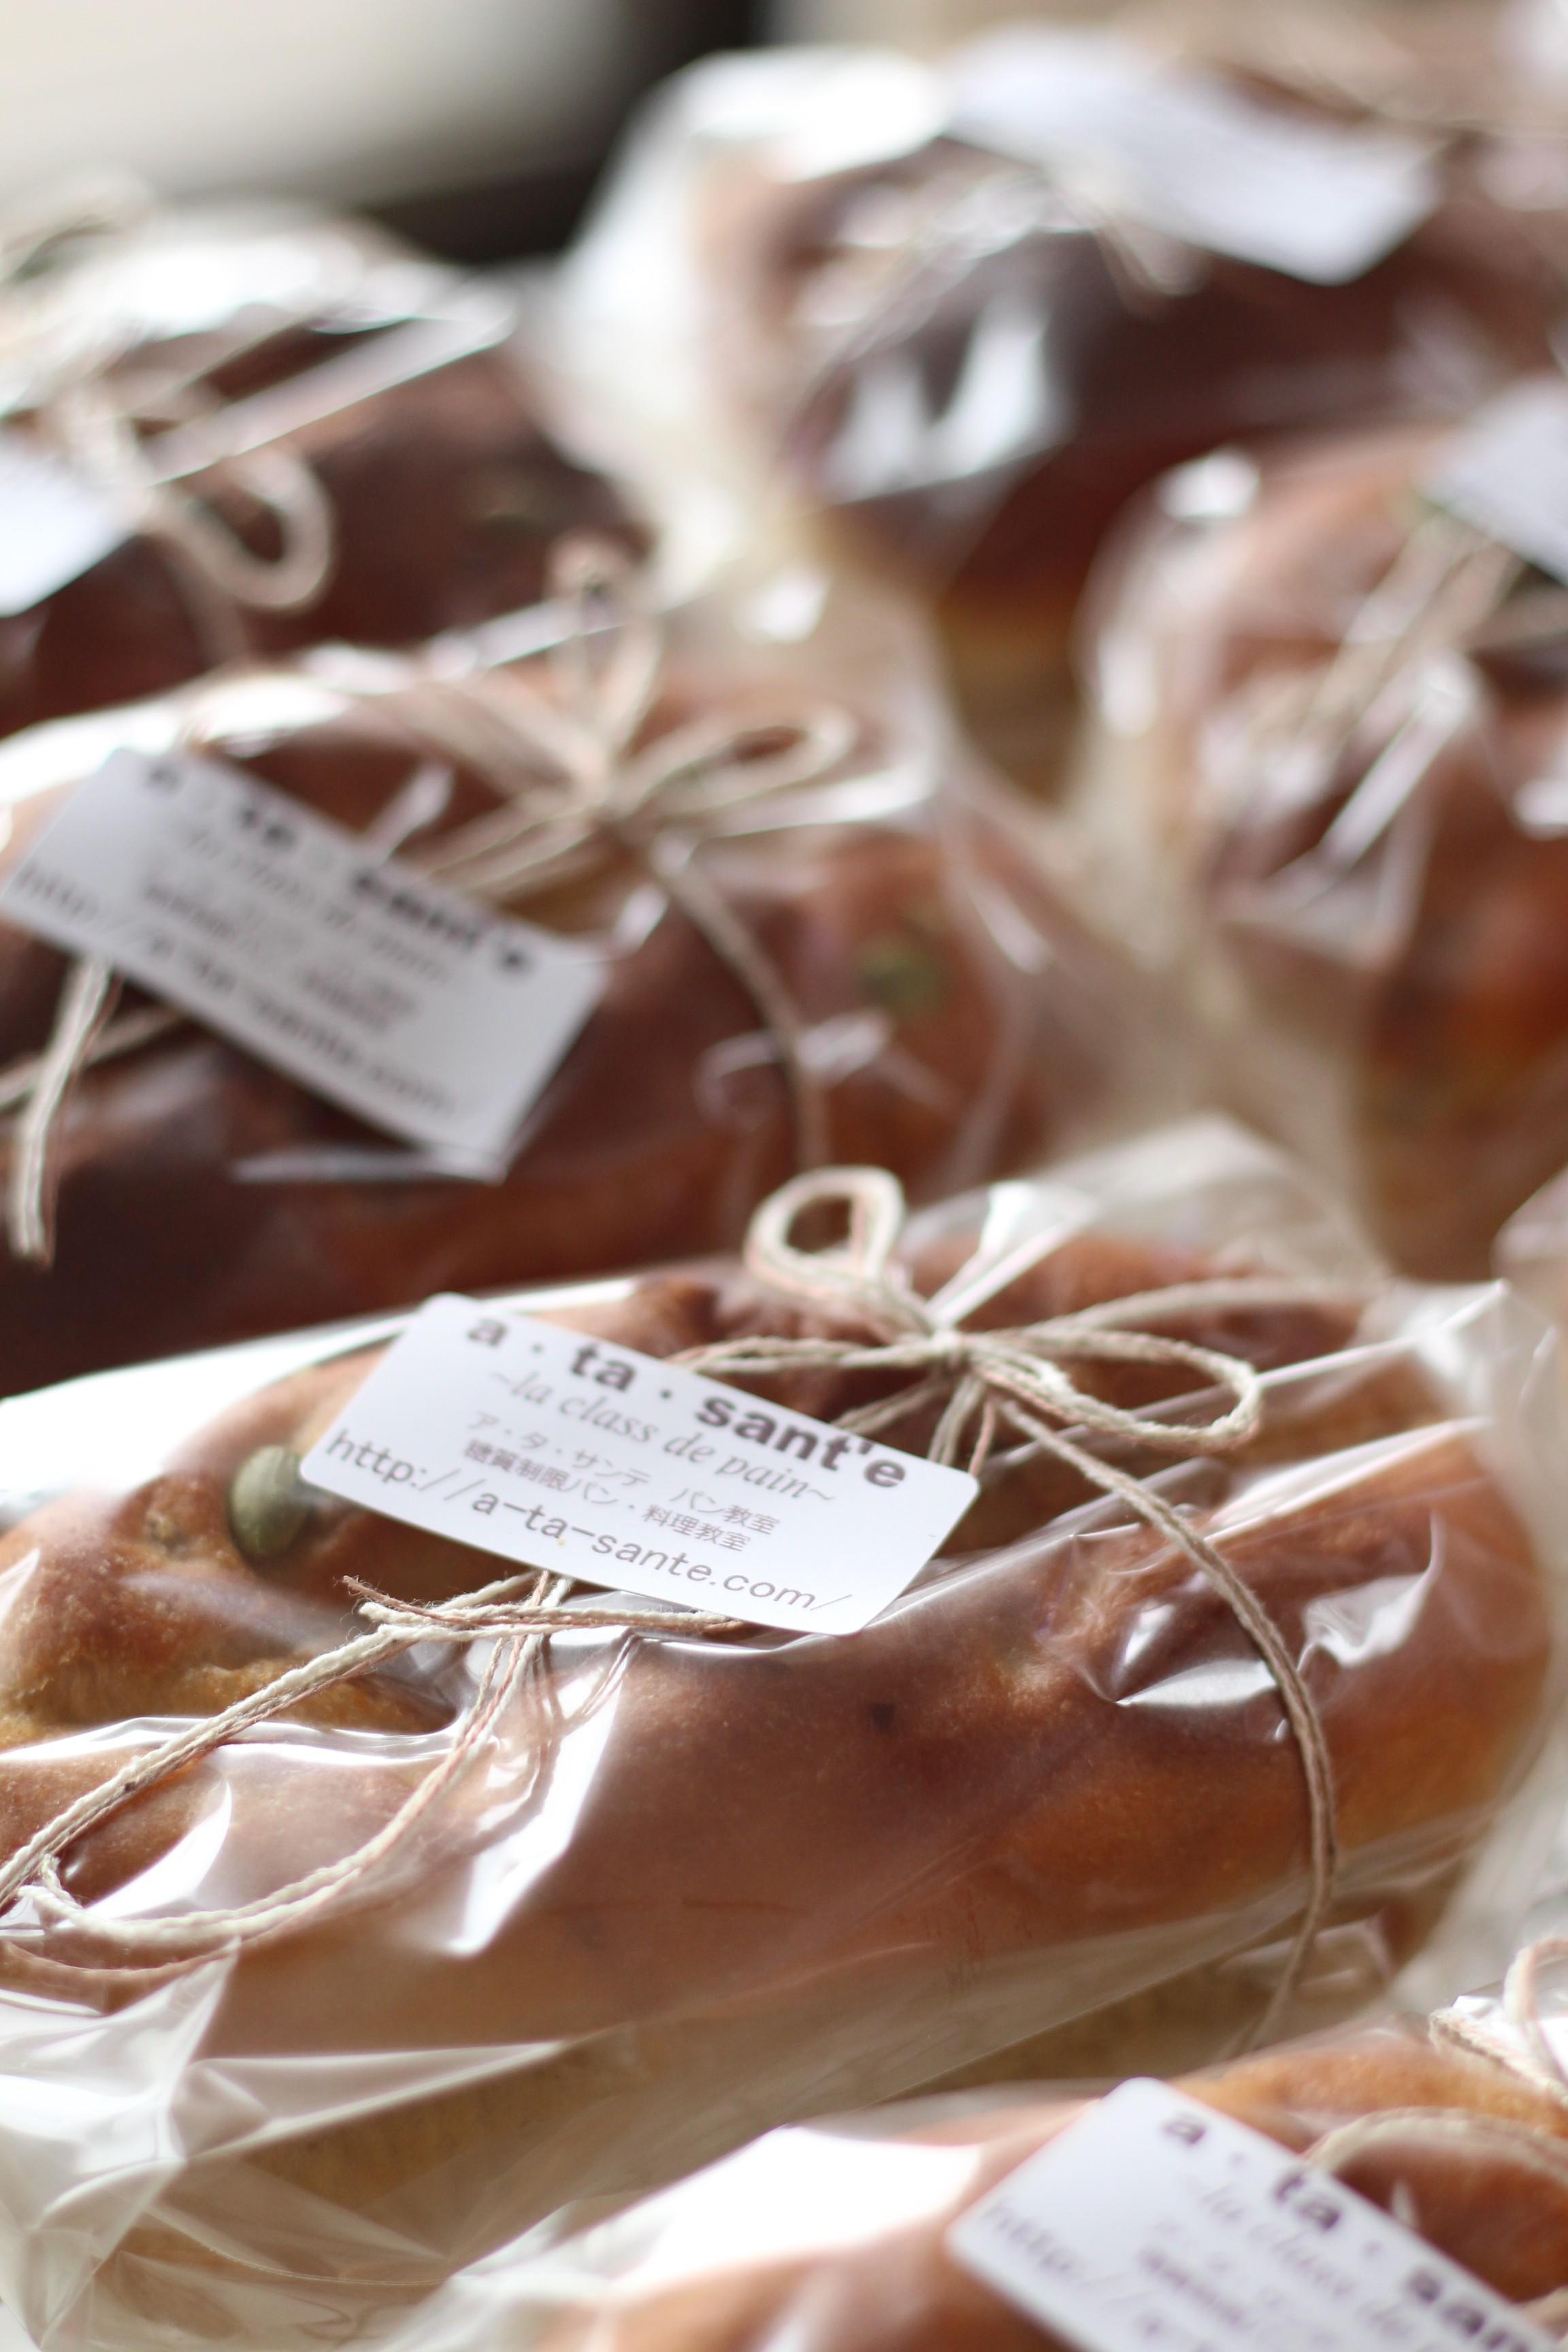 京都江部粉・糖質制限ナッツブレッド。a-ta-sante、糖質制限パン・料理教室。